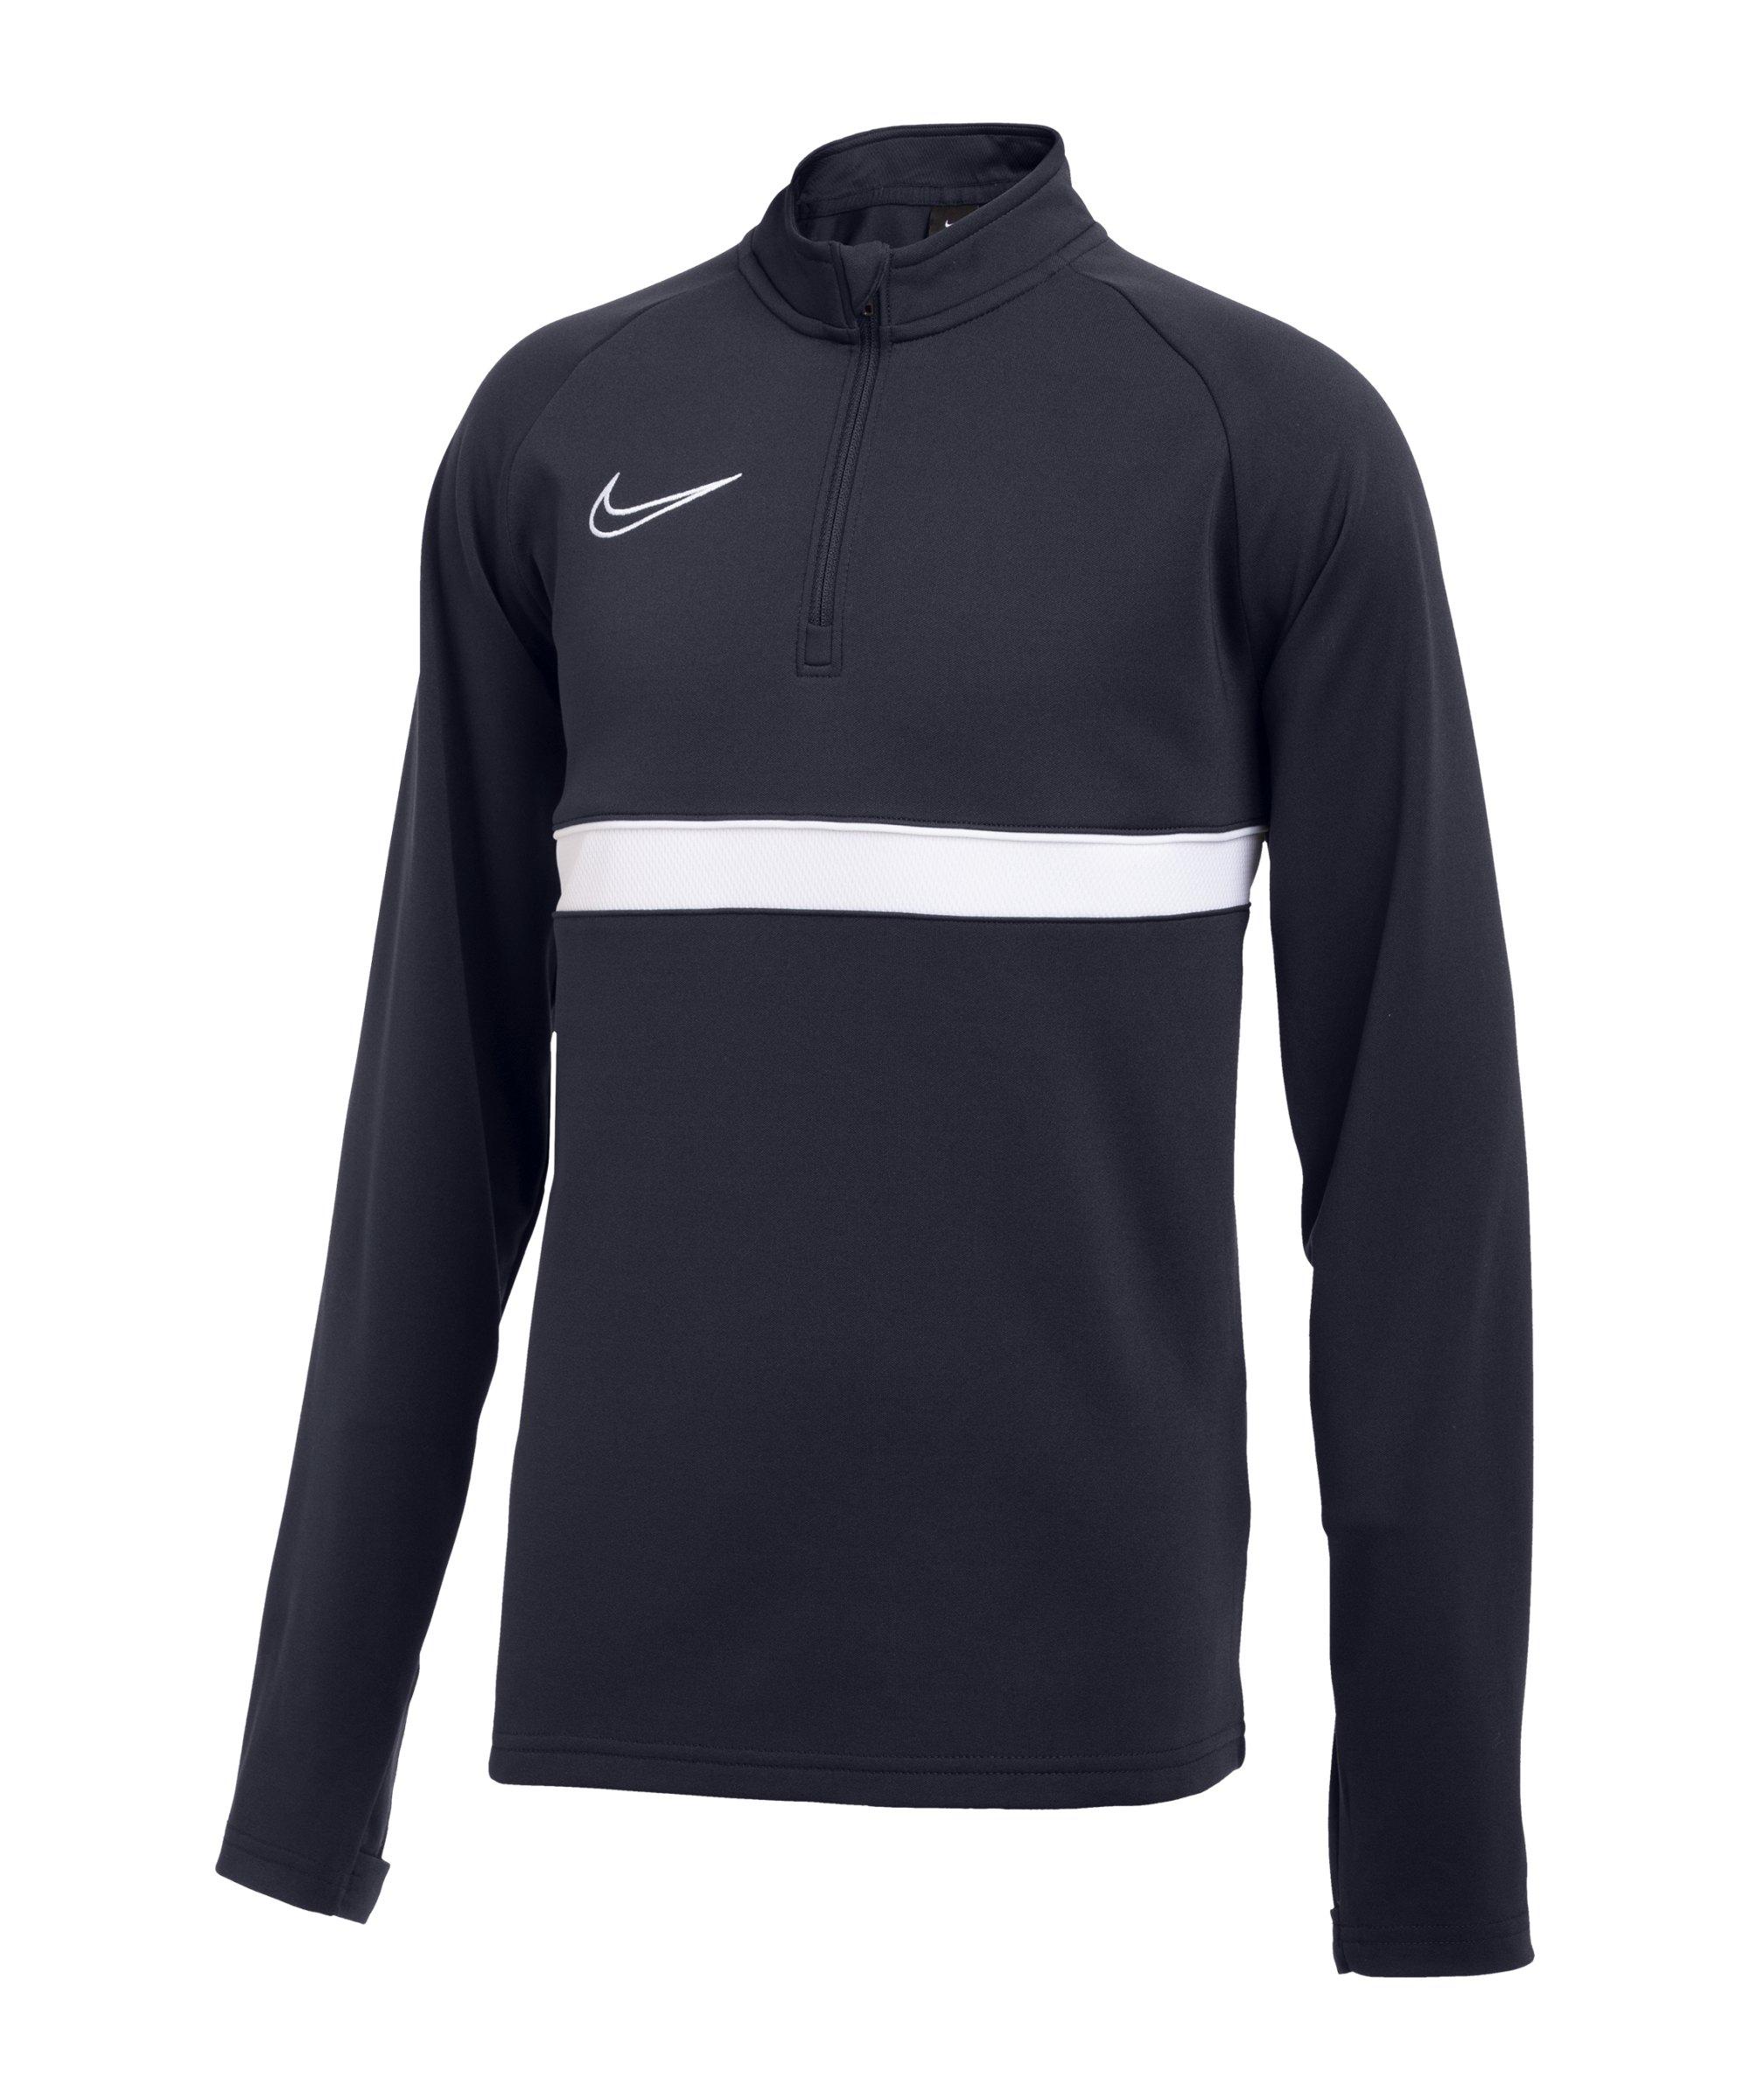 Nike Academy 21 Drill Top Blau Weiss F451 - blau